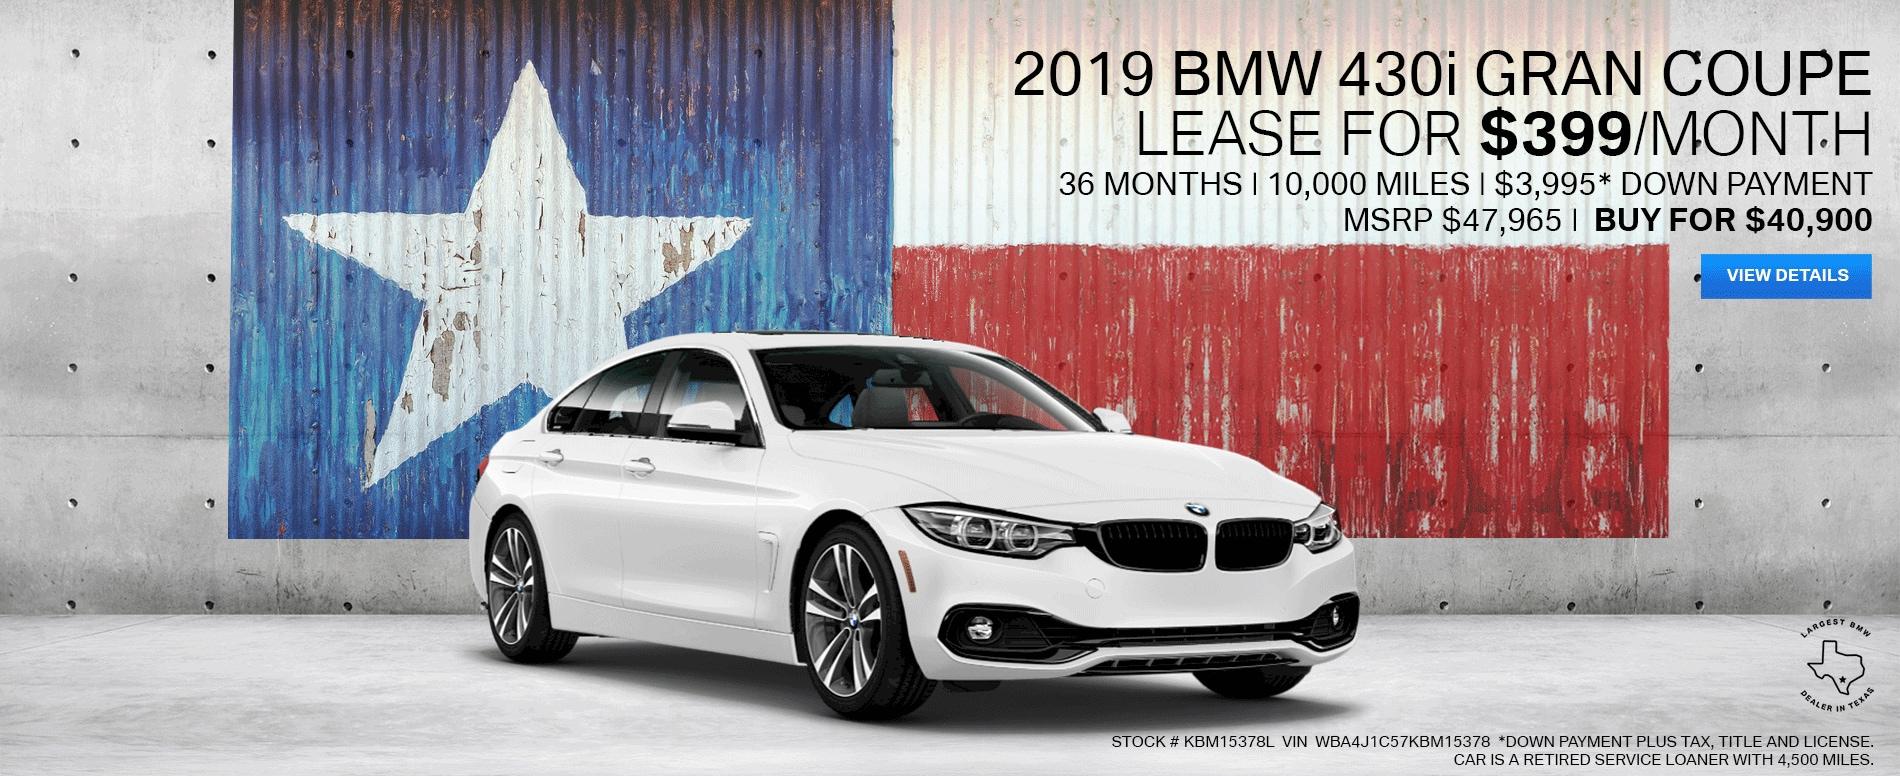 Bmw Of San Antonio Texas New Used Luxury Car Dealer Near Boerne